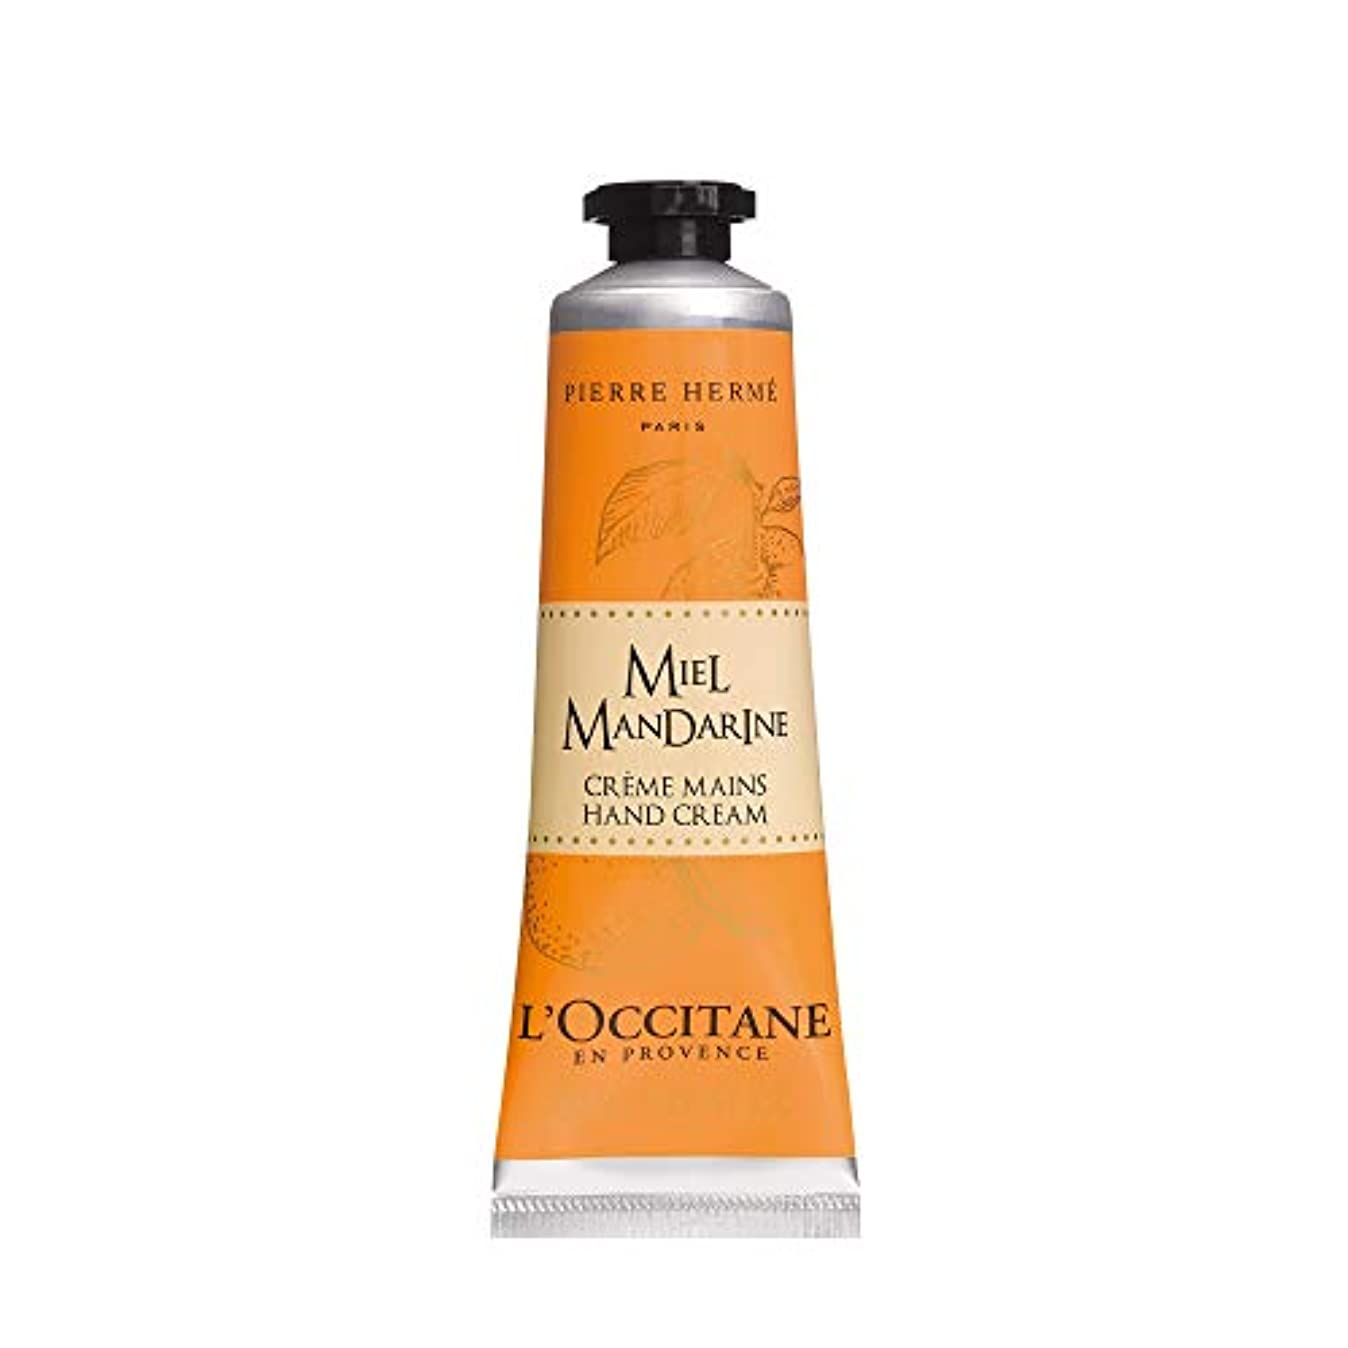 真夜中ドラッグ骨髄ロクシタン(L'OCCITANE) ミエルマンダリン ハンドクリーム 30ml ハートウオーミングオレンジハニー